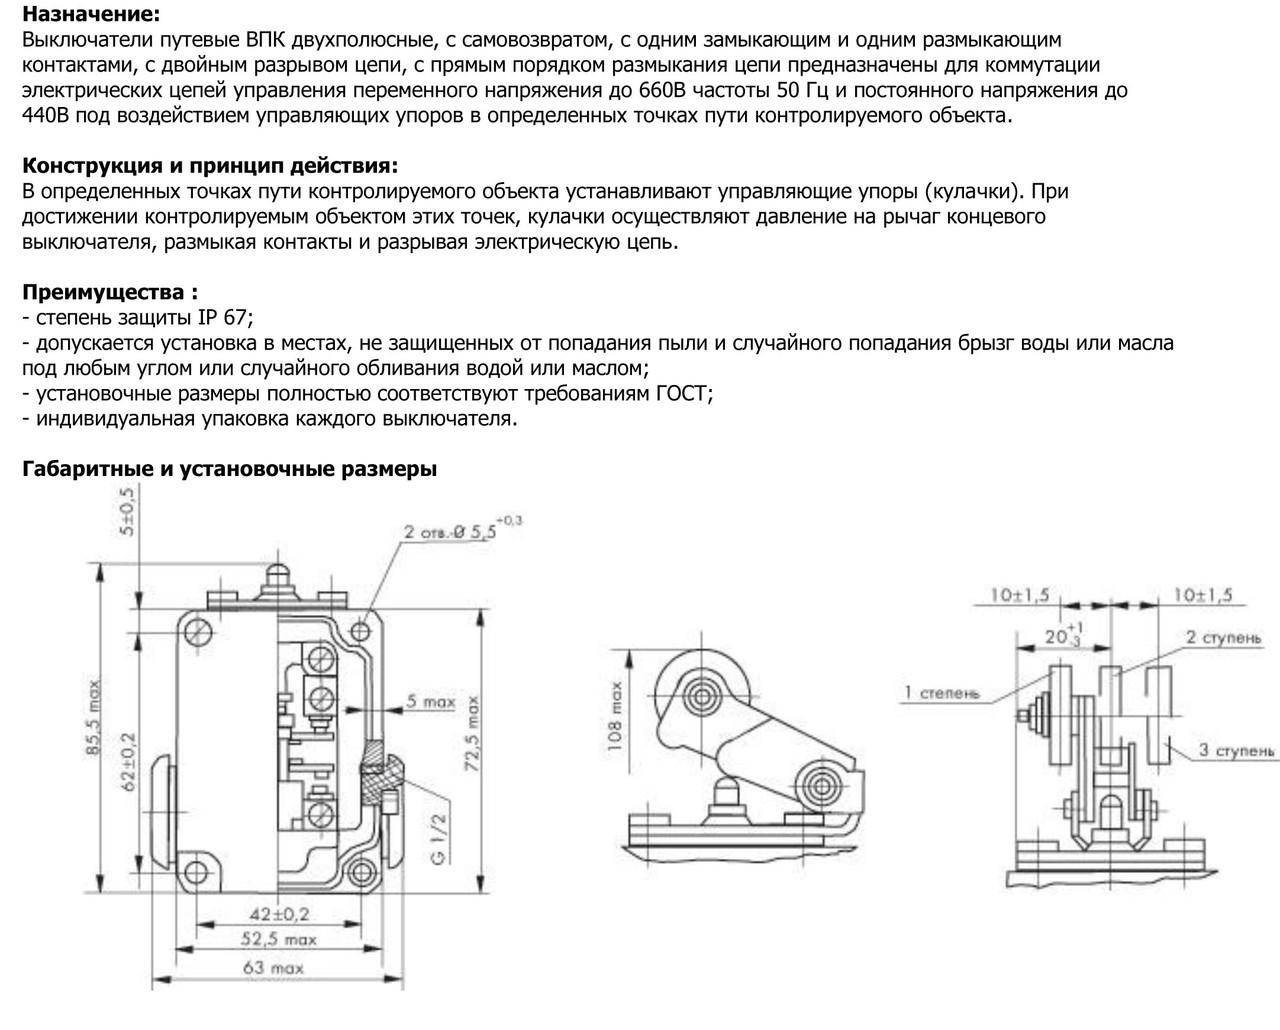 Особенности работы и применения воздушных высоковольтных выключателей